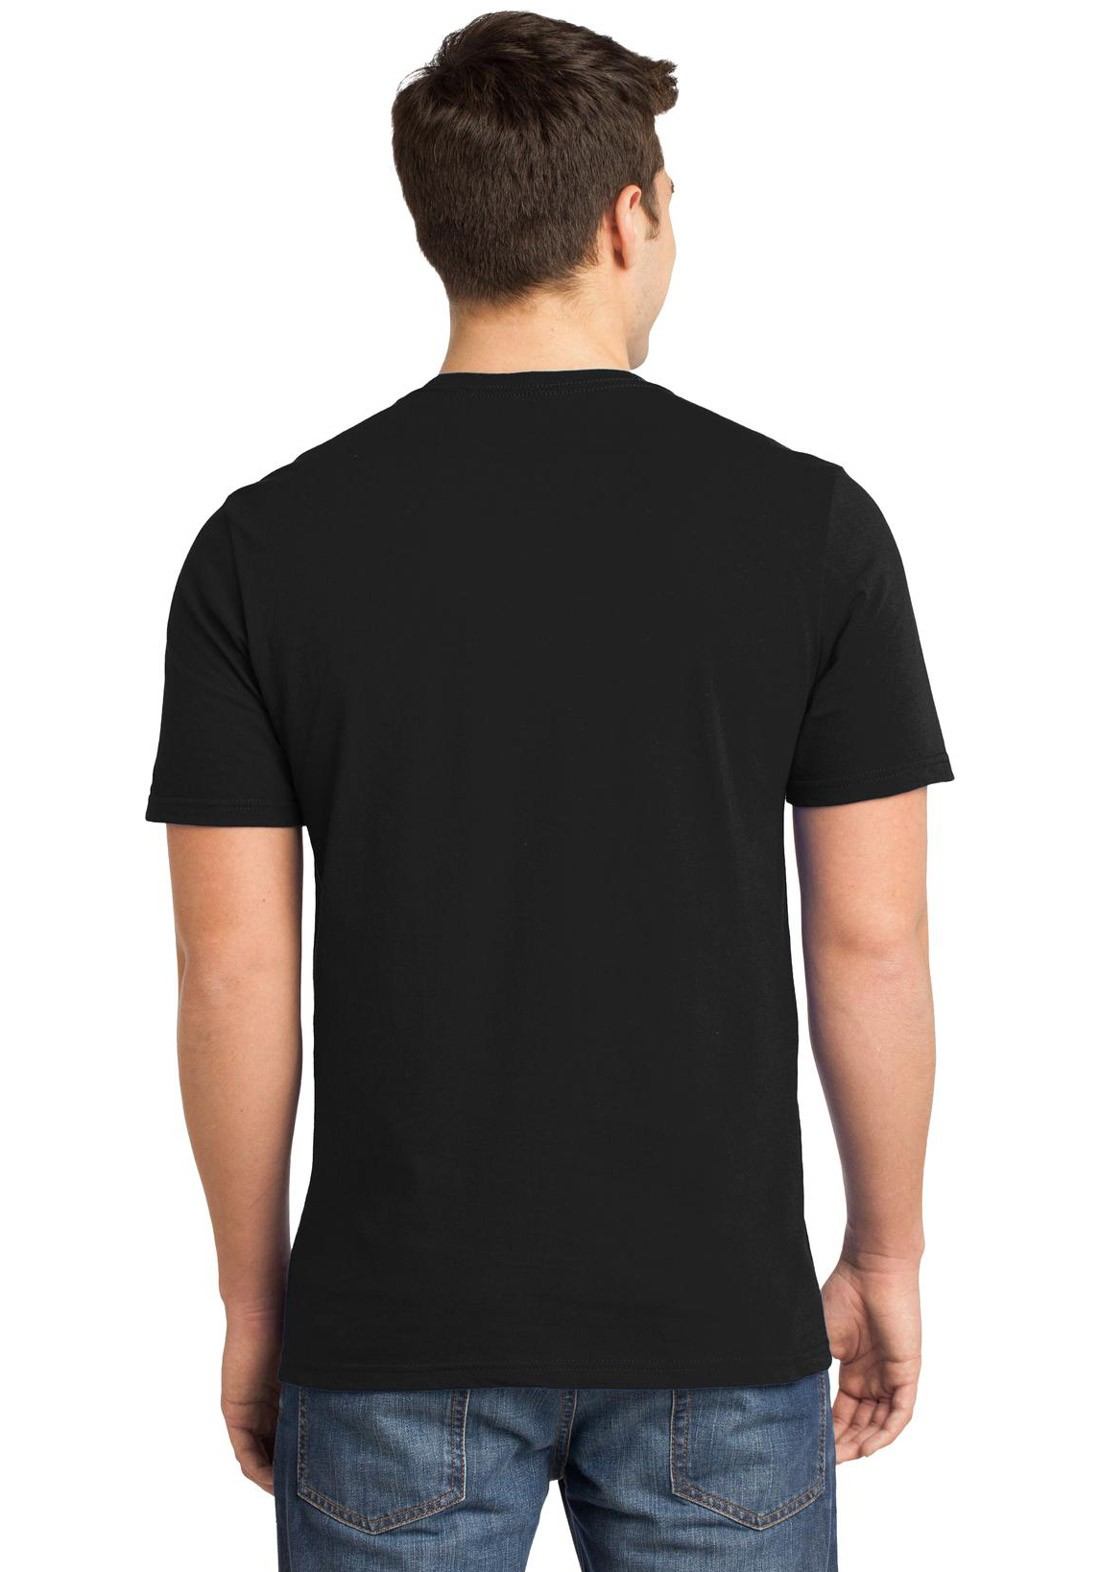 Camiseta Masculina Universitária Faculdade Engenharia Mecânica